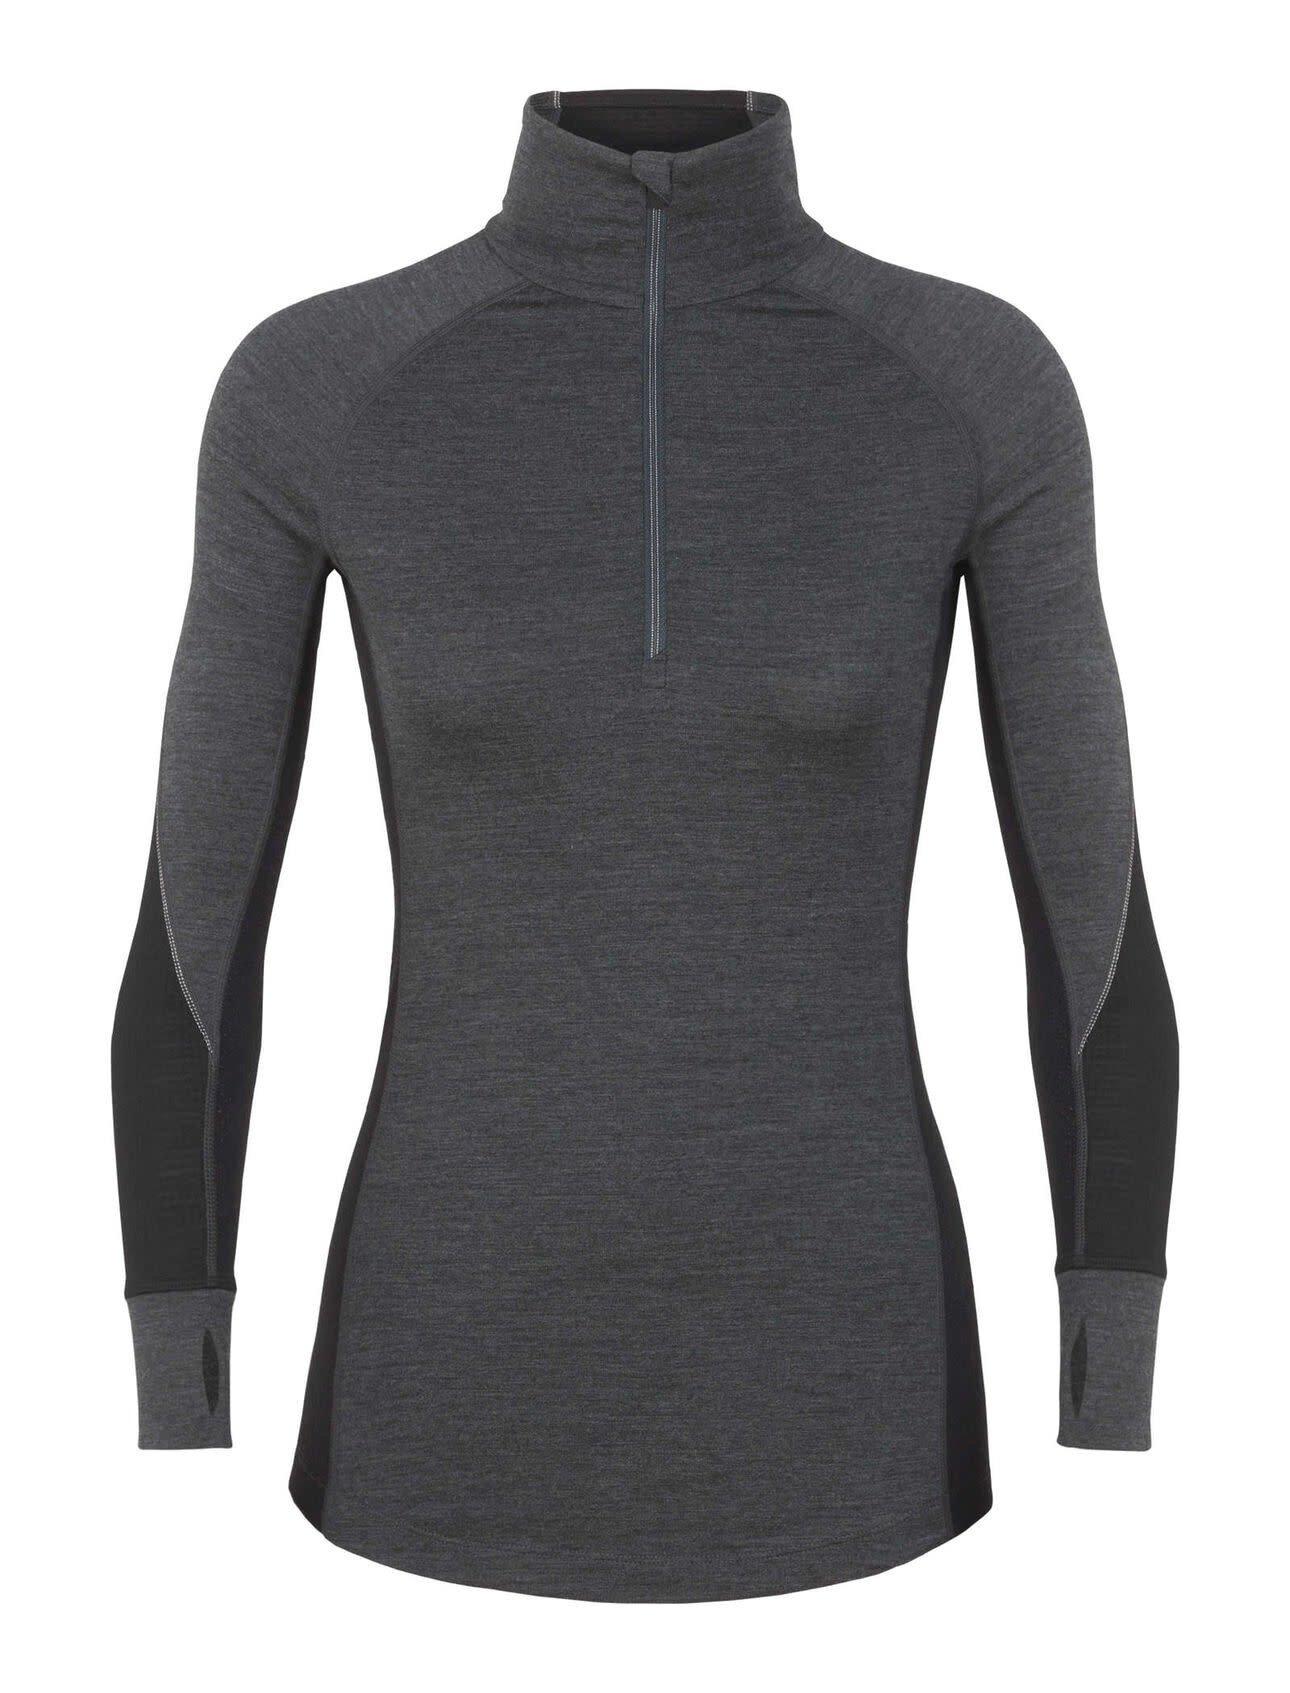 Women's 260 BodyFitZone Long Sleeve Half Zip-1